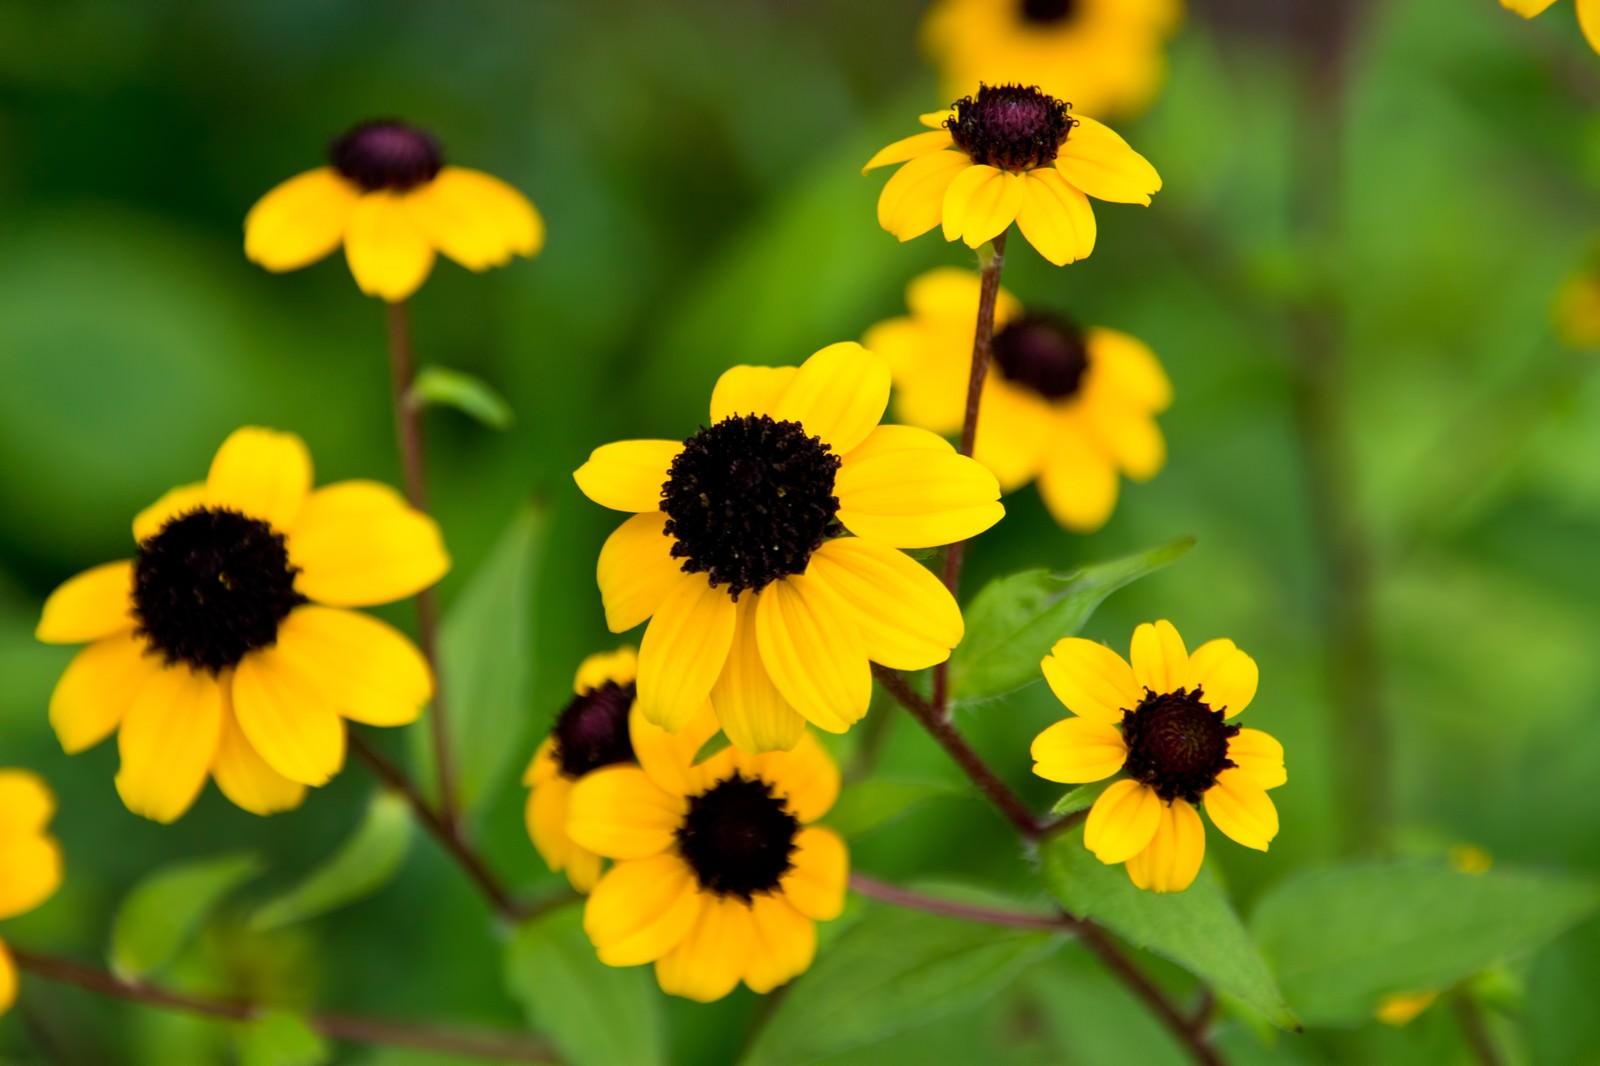 「黄色いお花」の写真